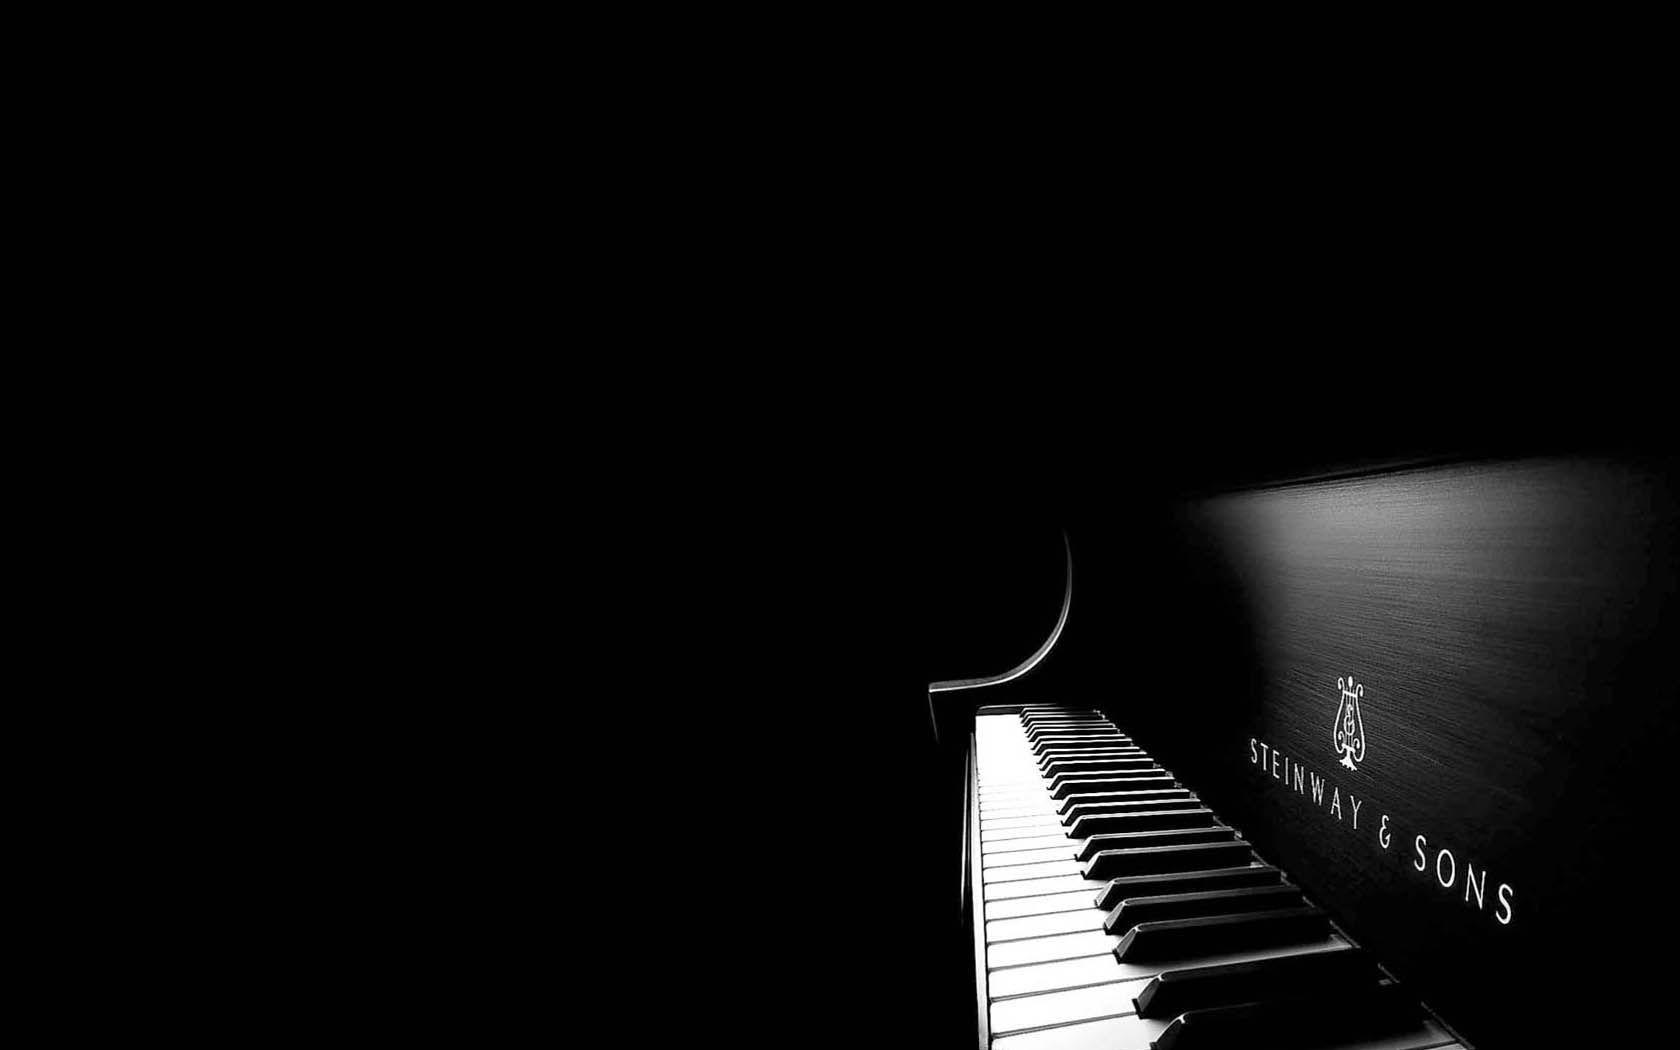 Steinway Music wallpaper Piano music Piano 1680x1050